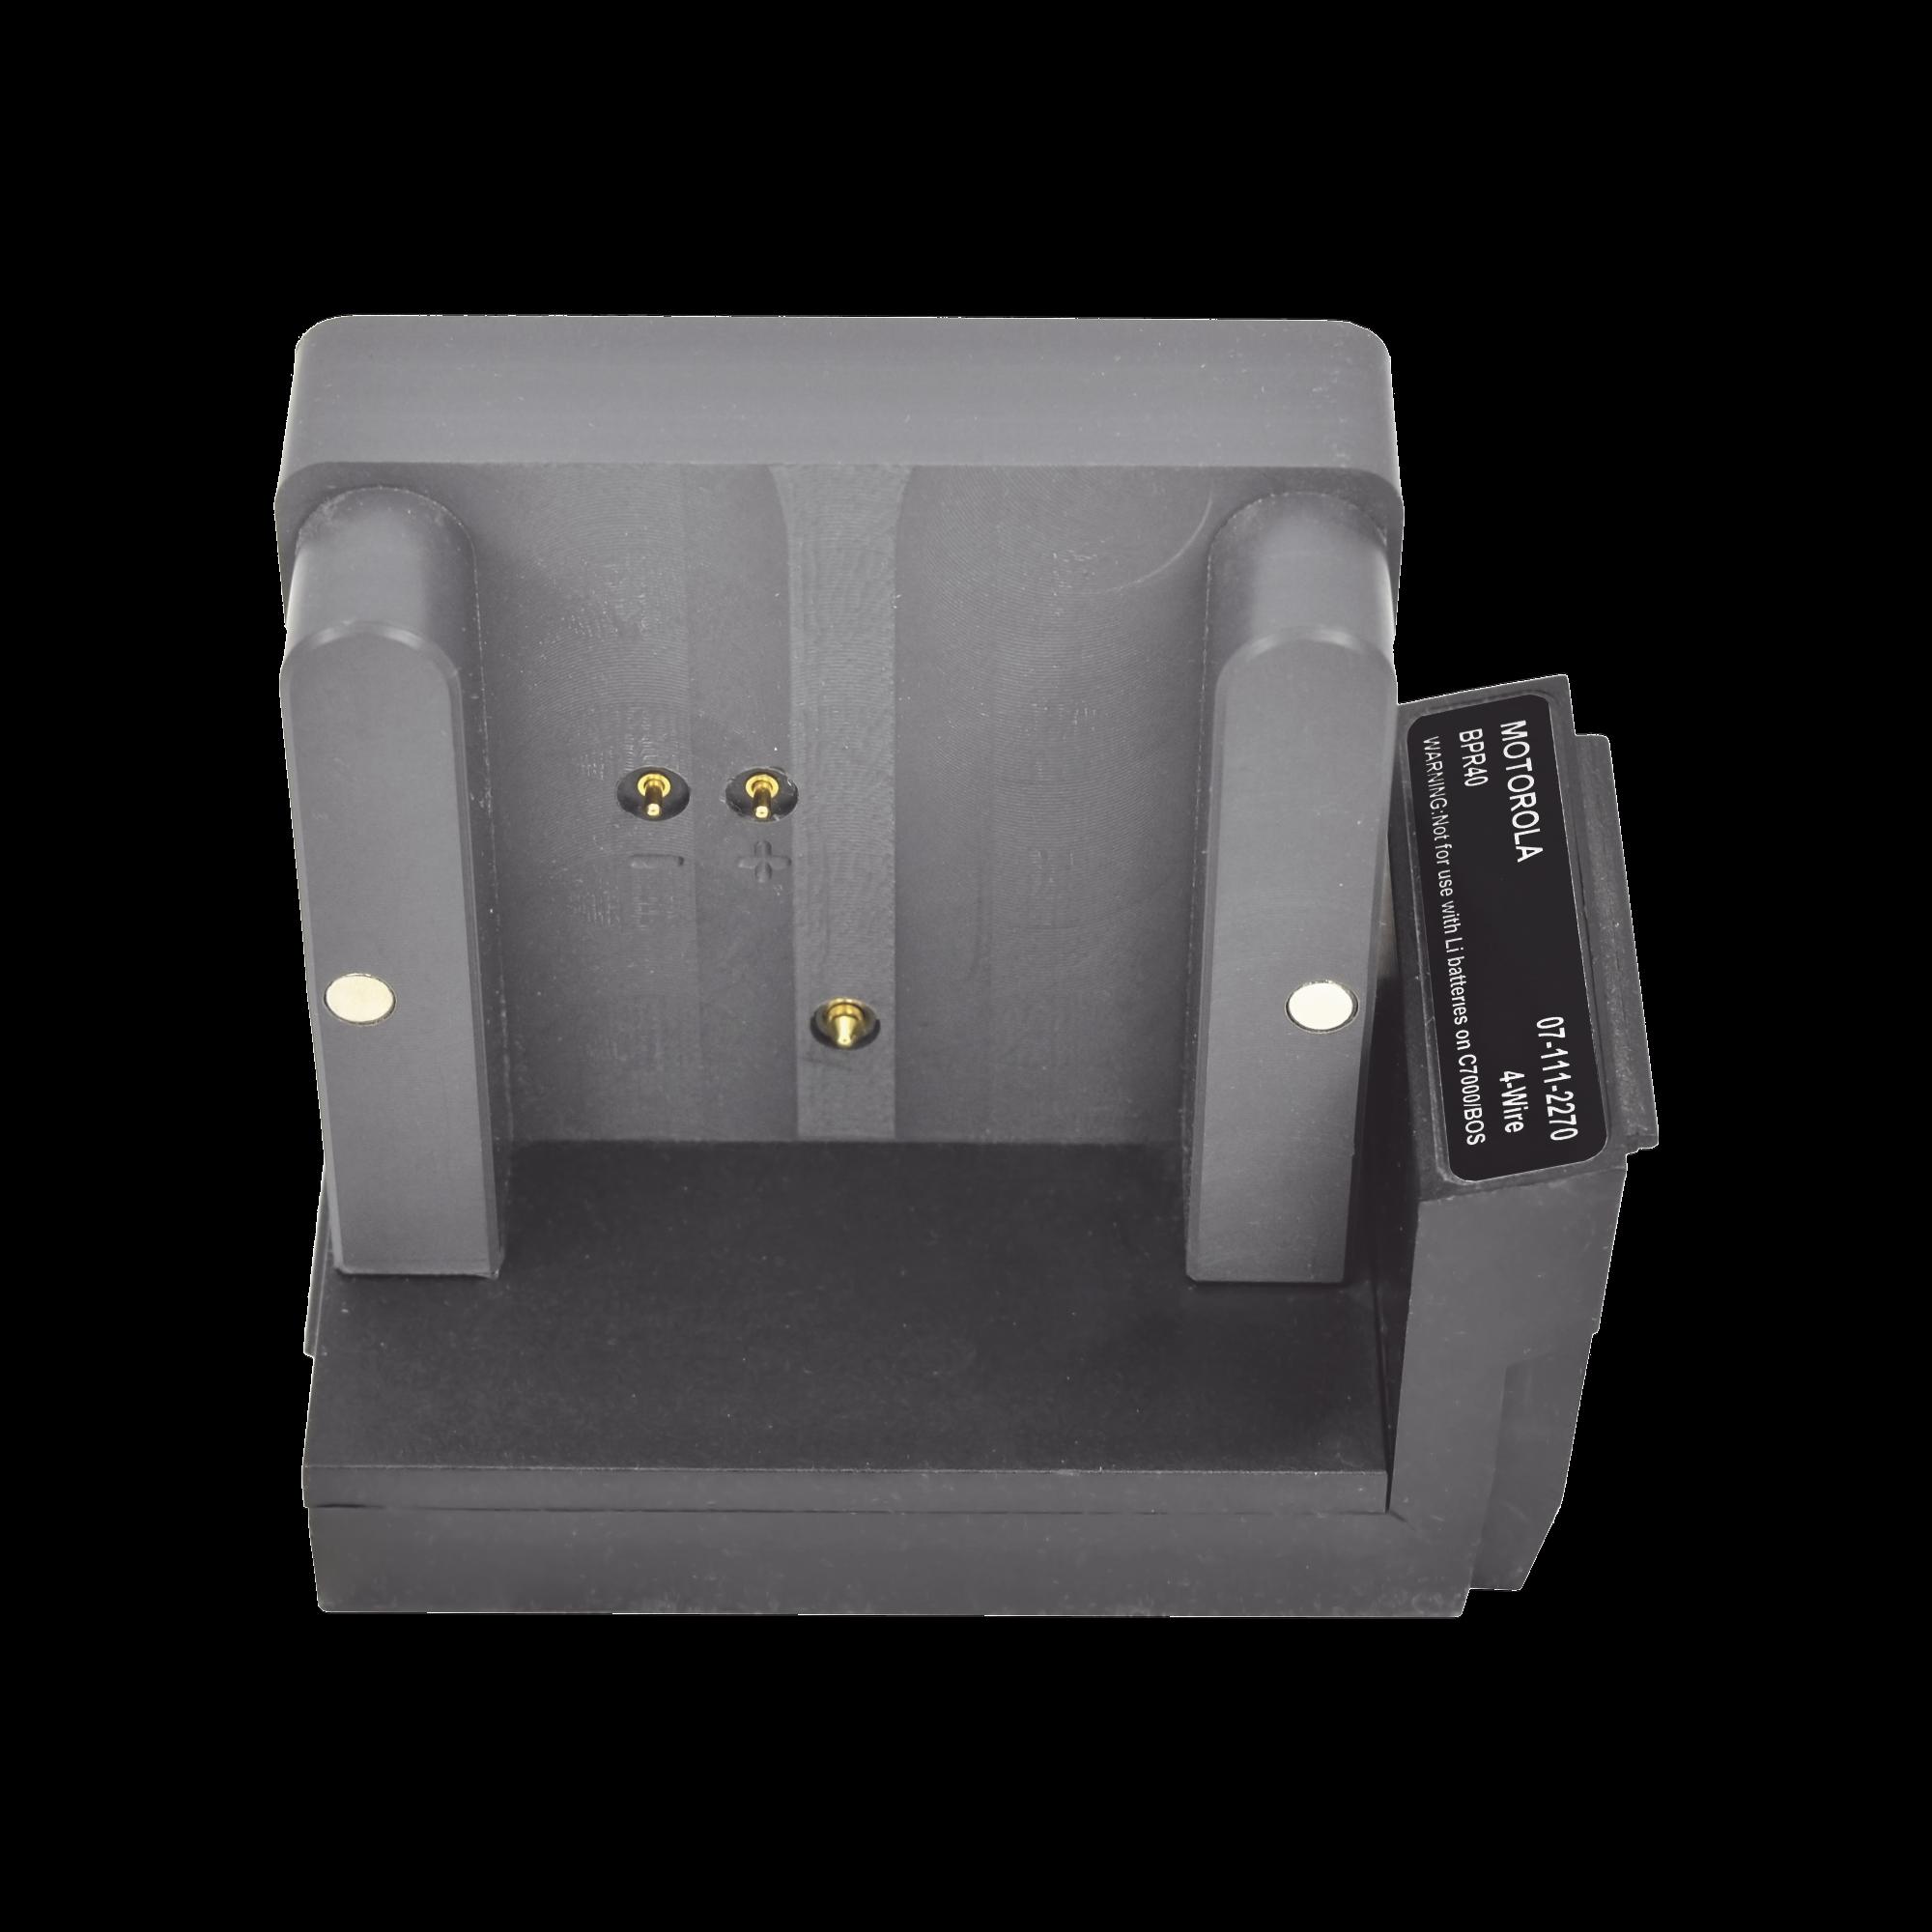 Adaptador de bateria para ANALIZADOR C7X00-C SERIES para bateria PMNN4071/AR para radios Motorola  MAG ONE A8, BPR40